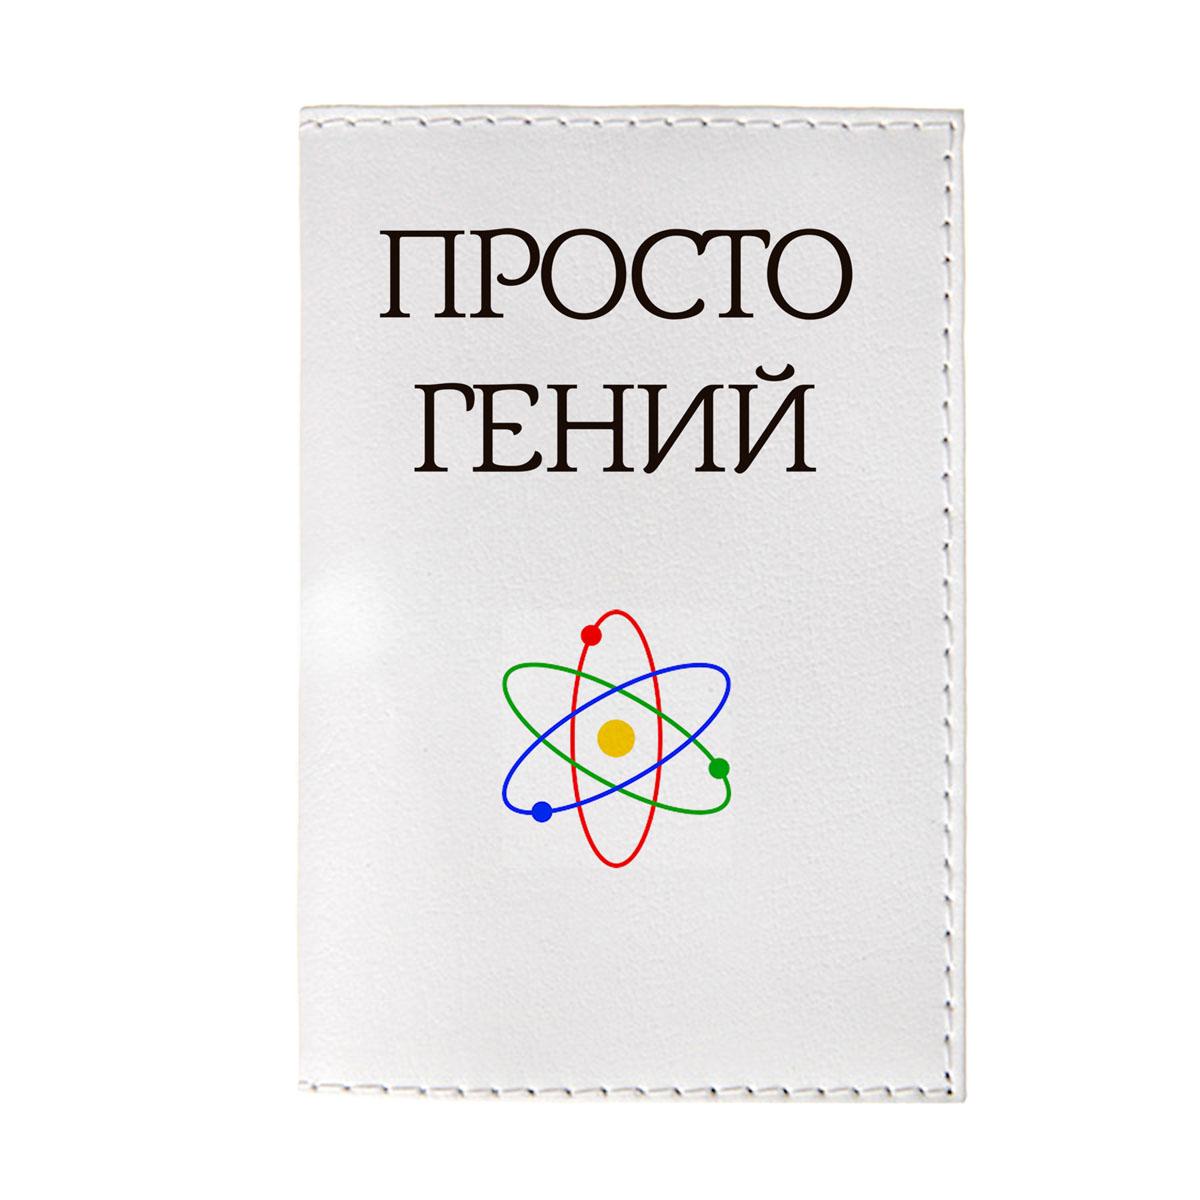 Обложка для паспорта Mitya Veselkov Просто гений, цвет: белый. OZAM394OZAM394Обложка для паспорта Mitya Veselkov Просто гений не только поможет сохранить внешний вид ваших документов и защитить их от повреждений, но и станет стильным аксессуаром, идеально подходящим вашему образу. Она выполнена из поливинилхлорида, внутри имеет два вертикальных кармашка из прозрачного пластика. Такая обложка поможет вам подчеркнуть свою индивидуальность и неповторимость! Обложка для паспорта стильного дизайна может быть достойным и оригинальным подарком.